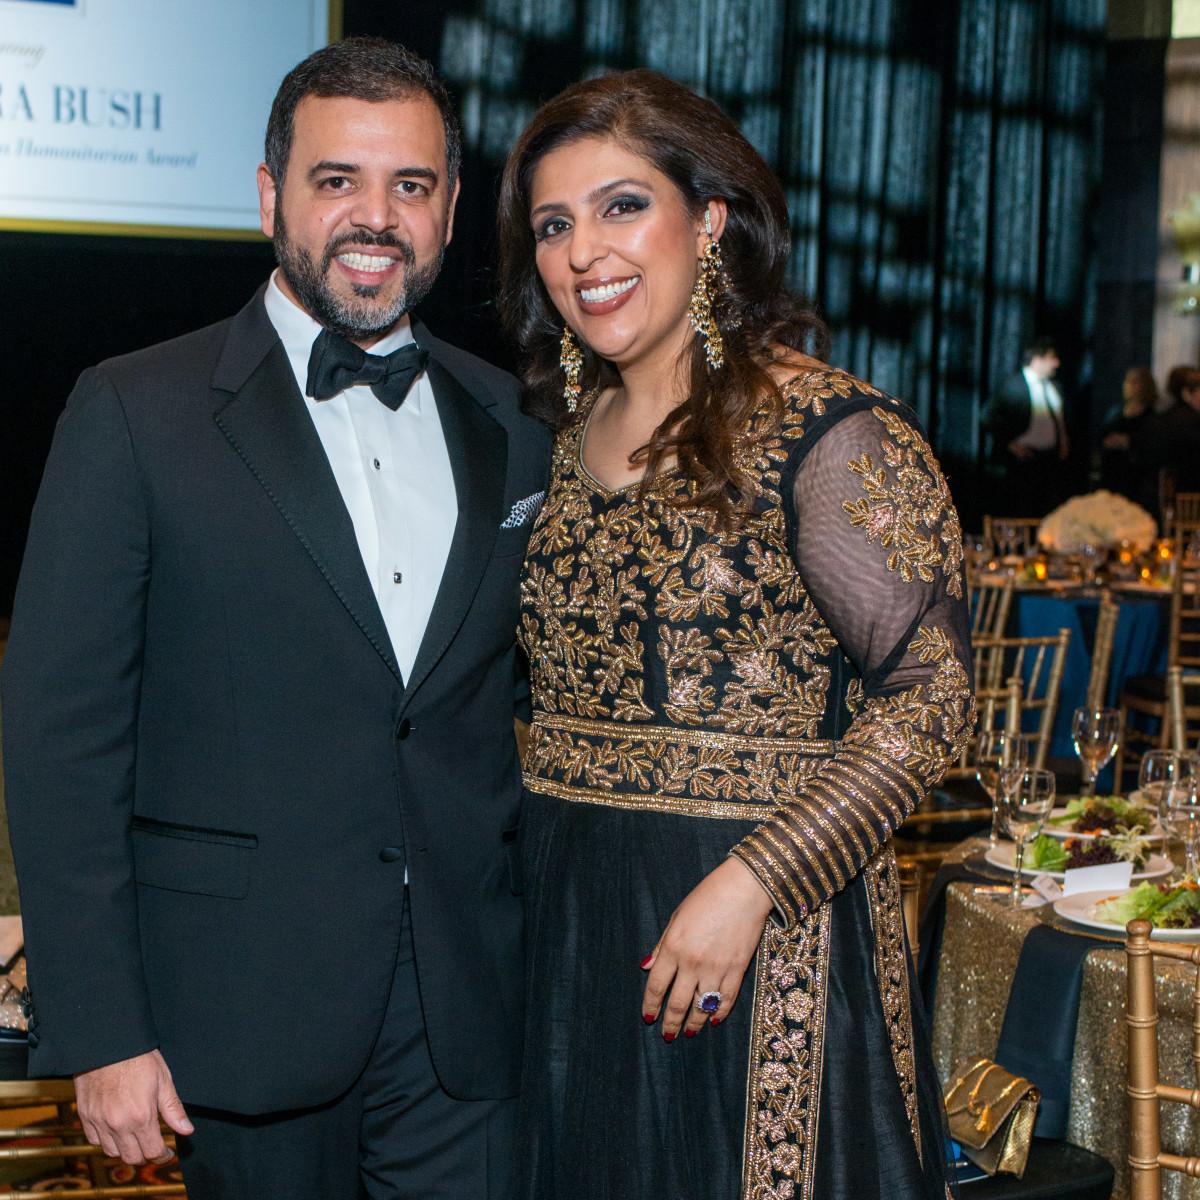 News, Shelby, UNICEF gala, Nov. 2015, Perhsant Mehta, Nidhika Mehtqa